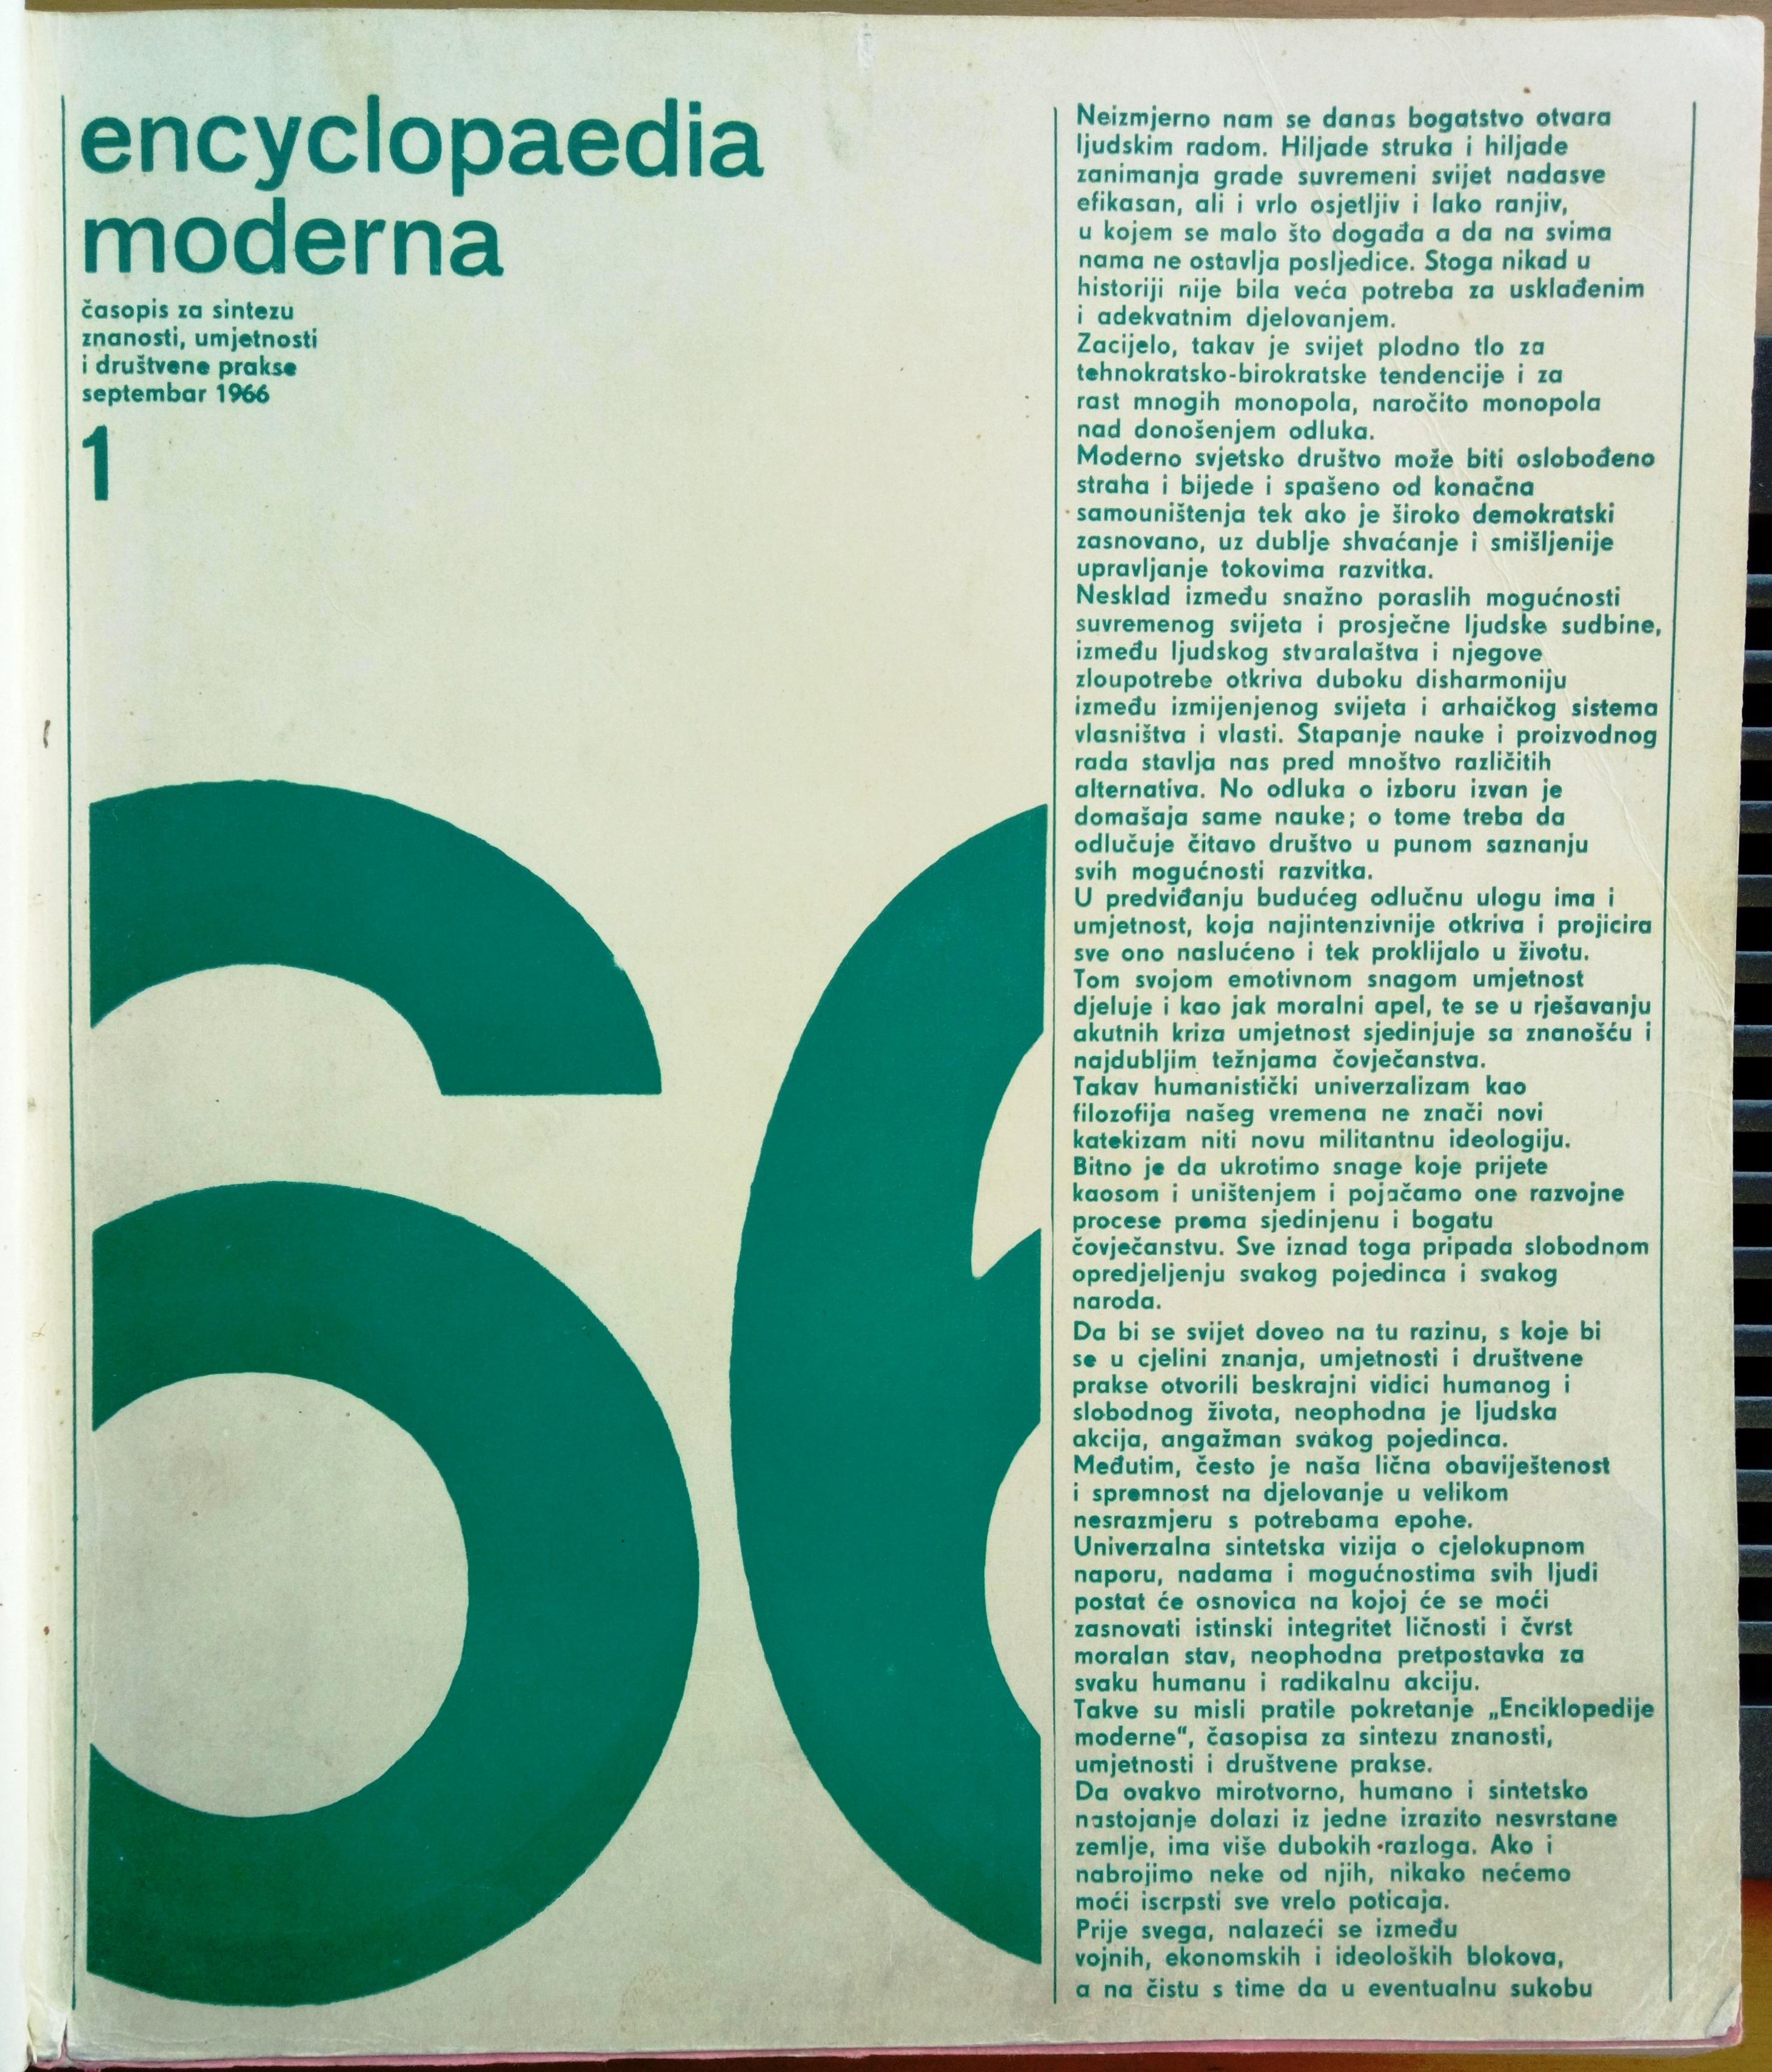 Cover page of the first issue of the journal Encyclopaedia moderna, 1966, Pagwash Movement Collection/Naslovnica prvog broja časopisa Encyclopaedia moderna, 1966., Zbirka Pagvaškog pokreta HAZU